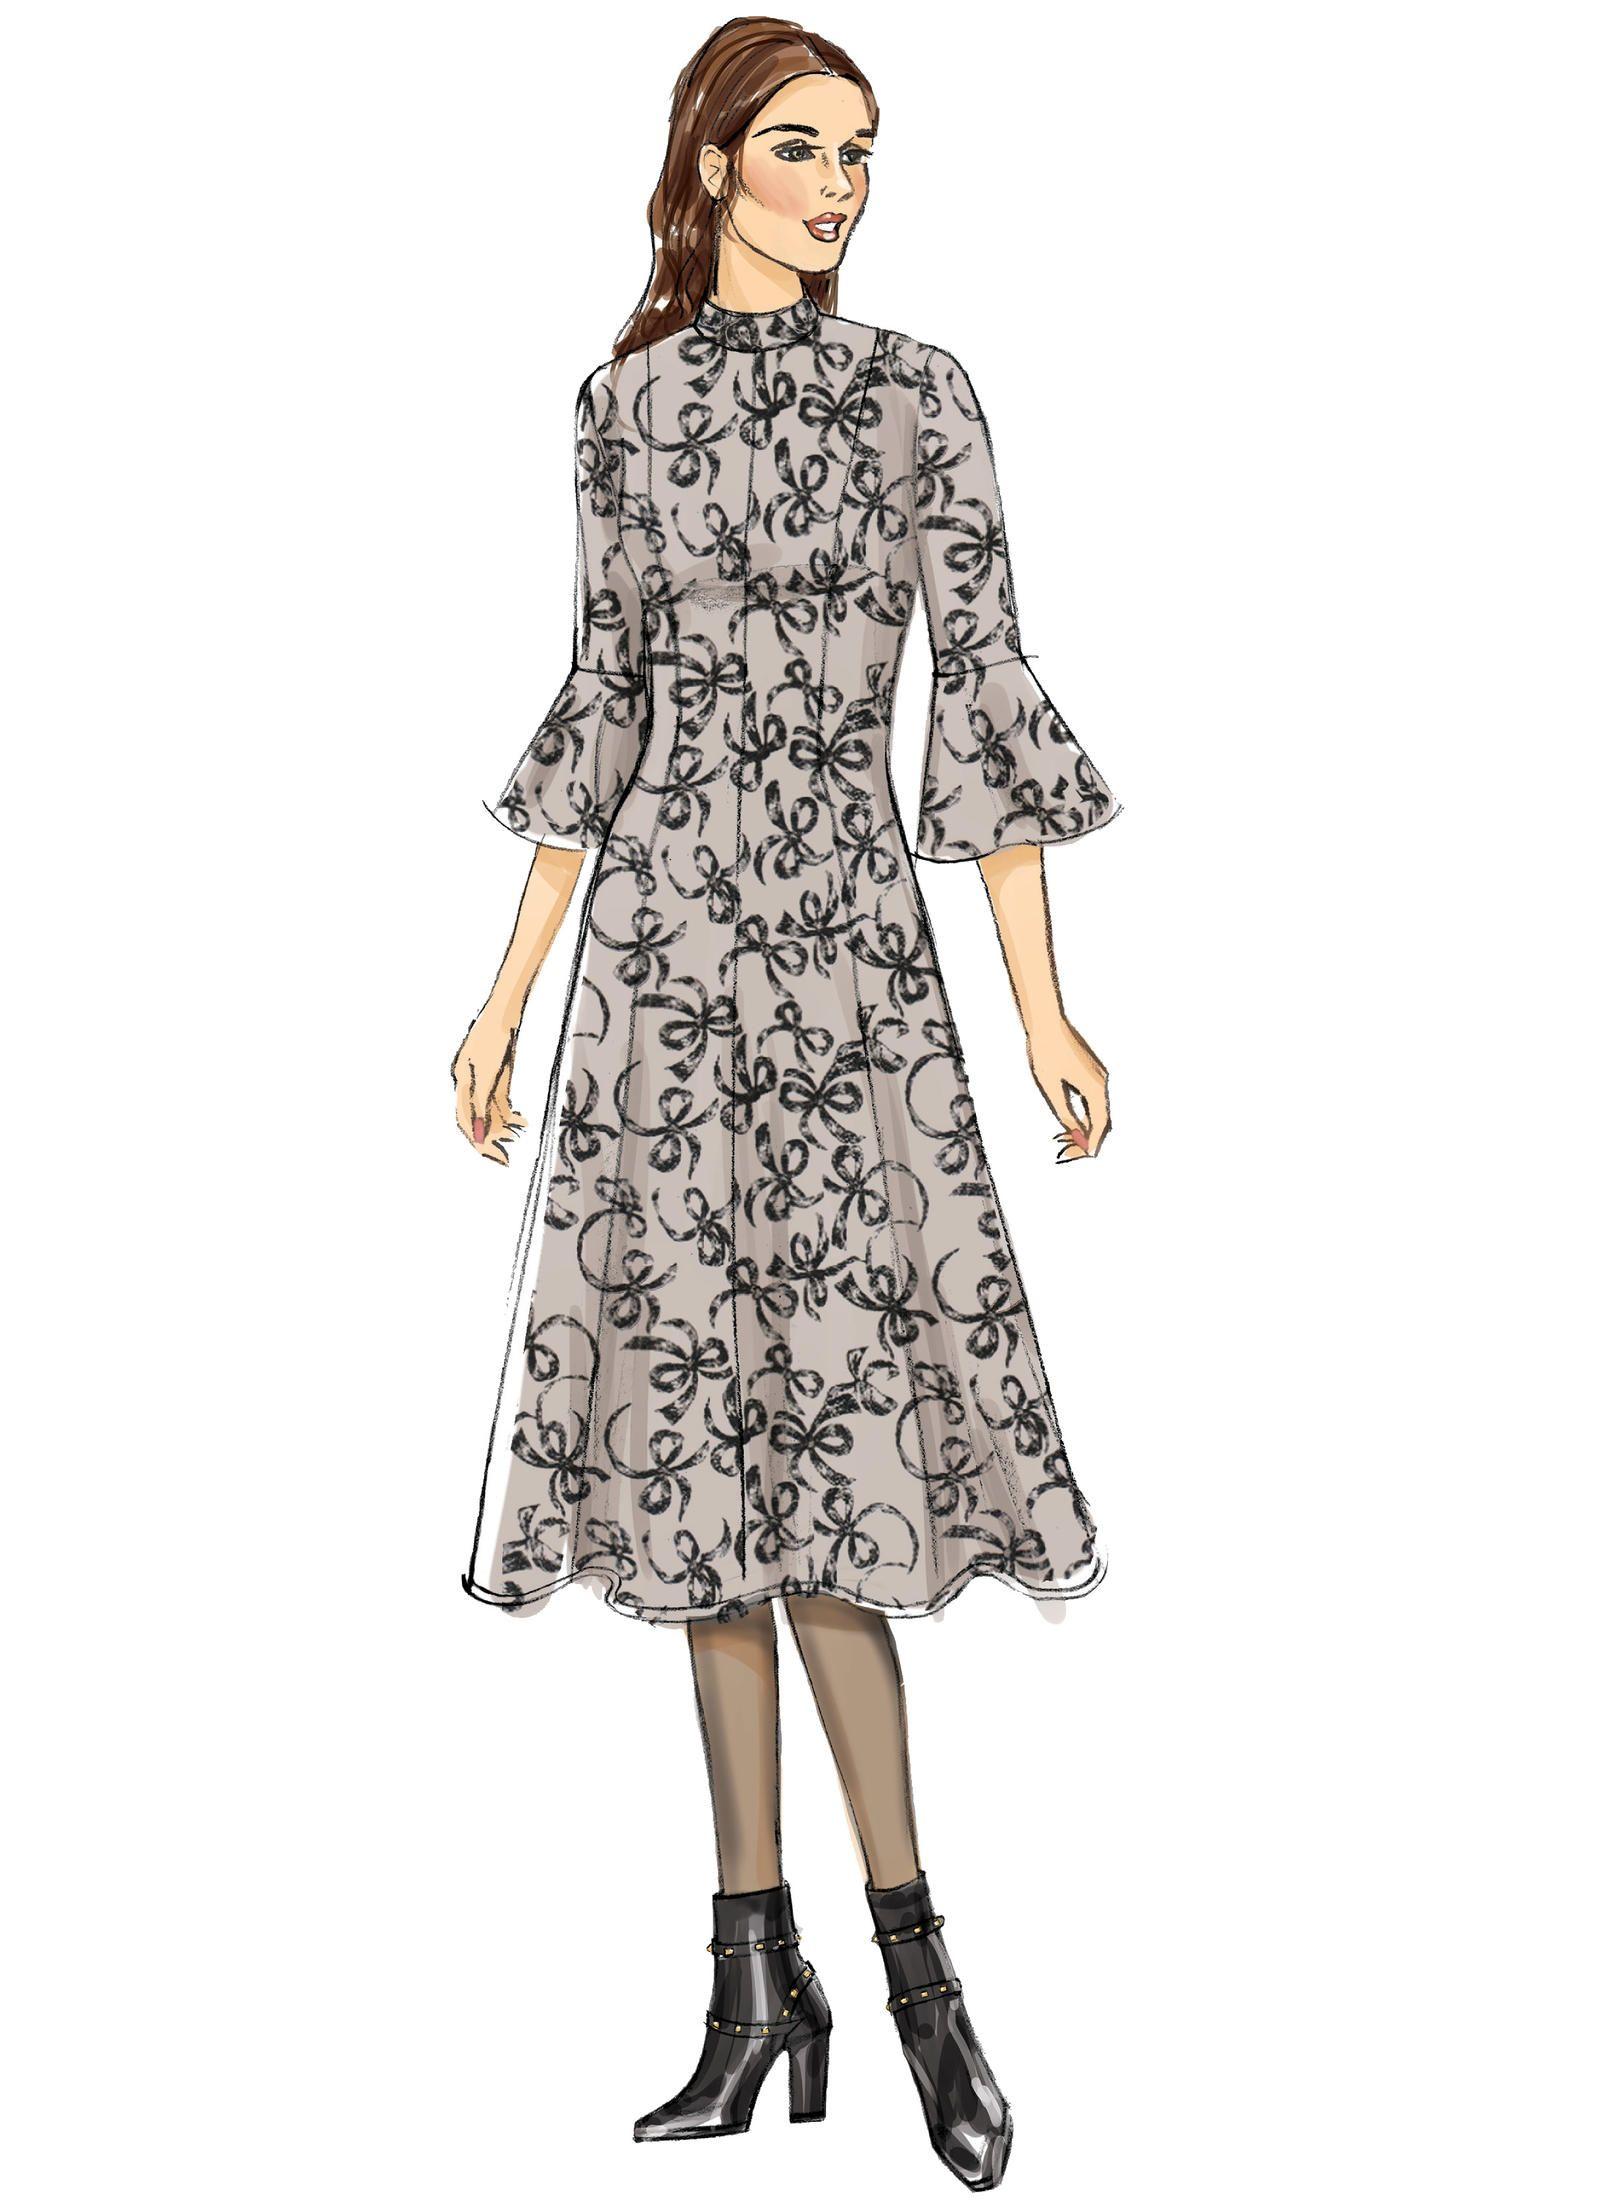 Ziemlich Nähmustern Maxi Kleid Galerie - Strickmuster-Ideen ...